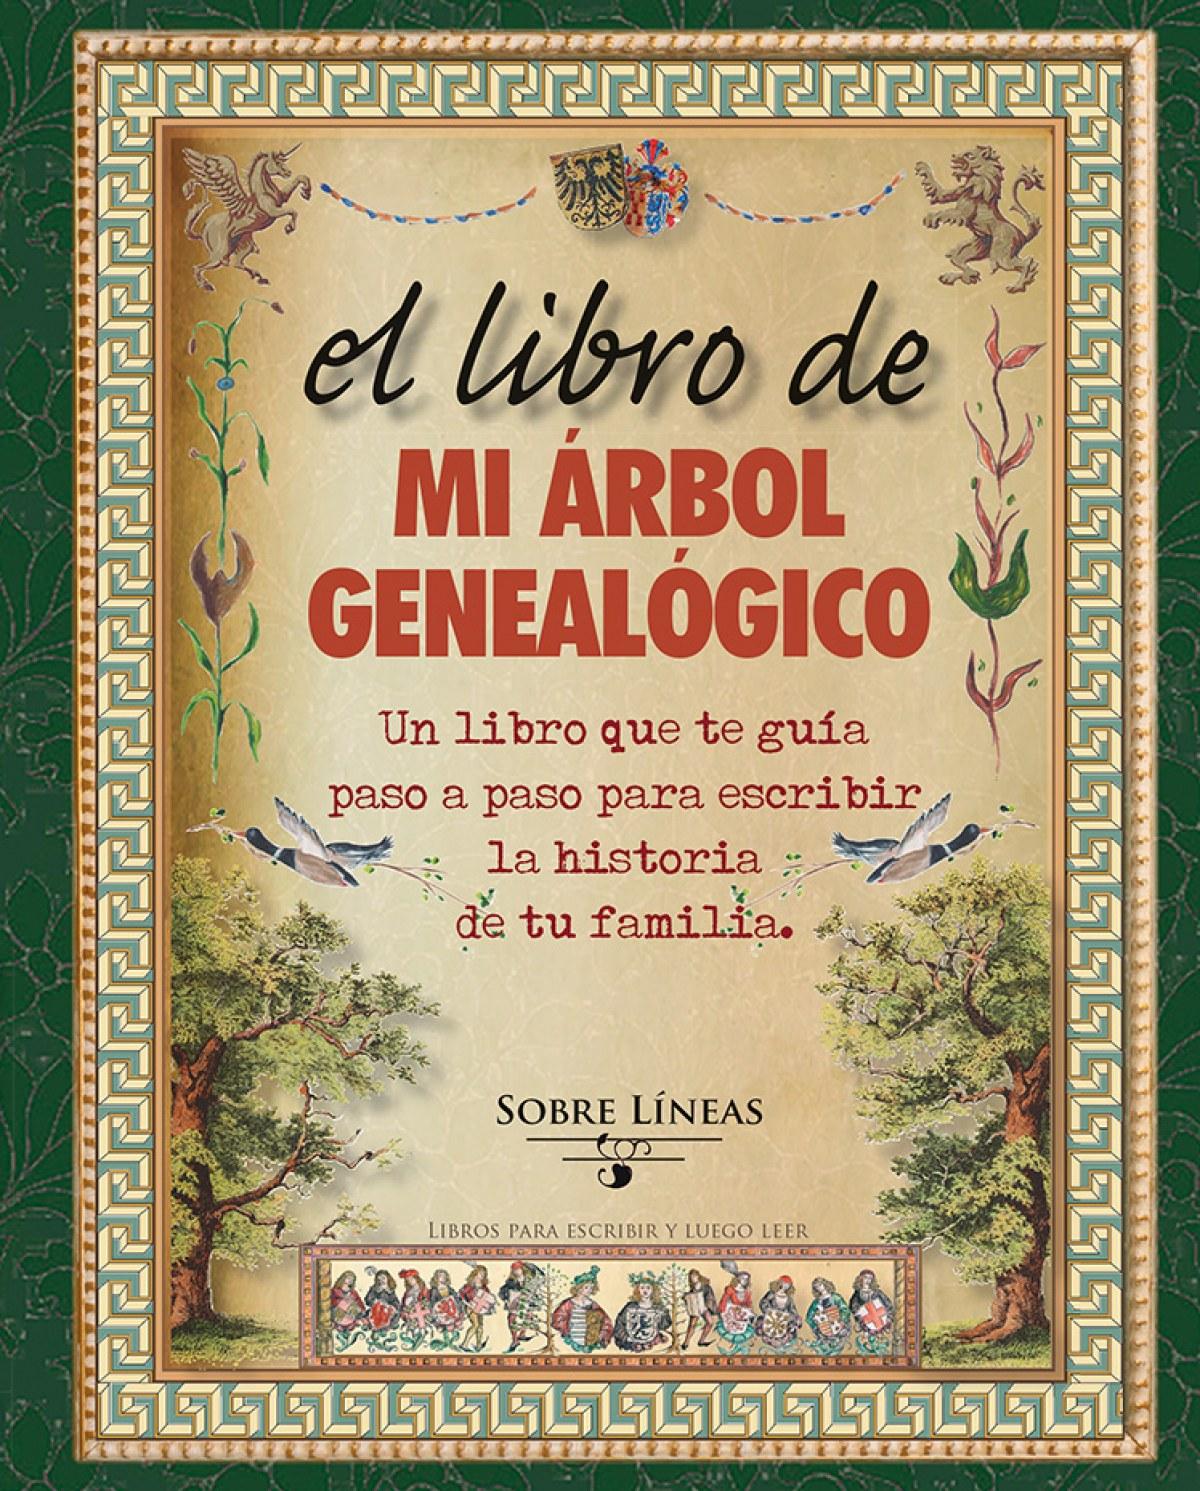 El libro de mi árbol genealógico 9788415968818